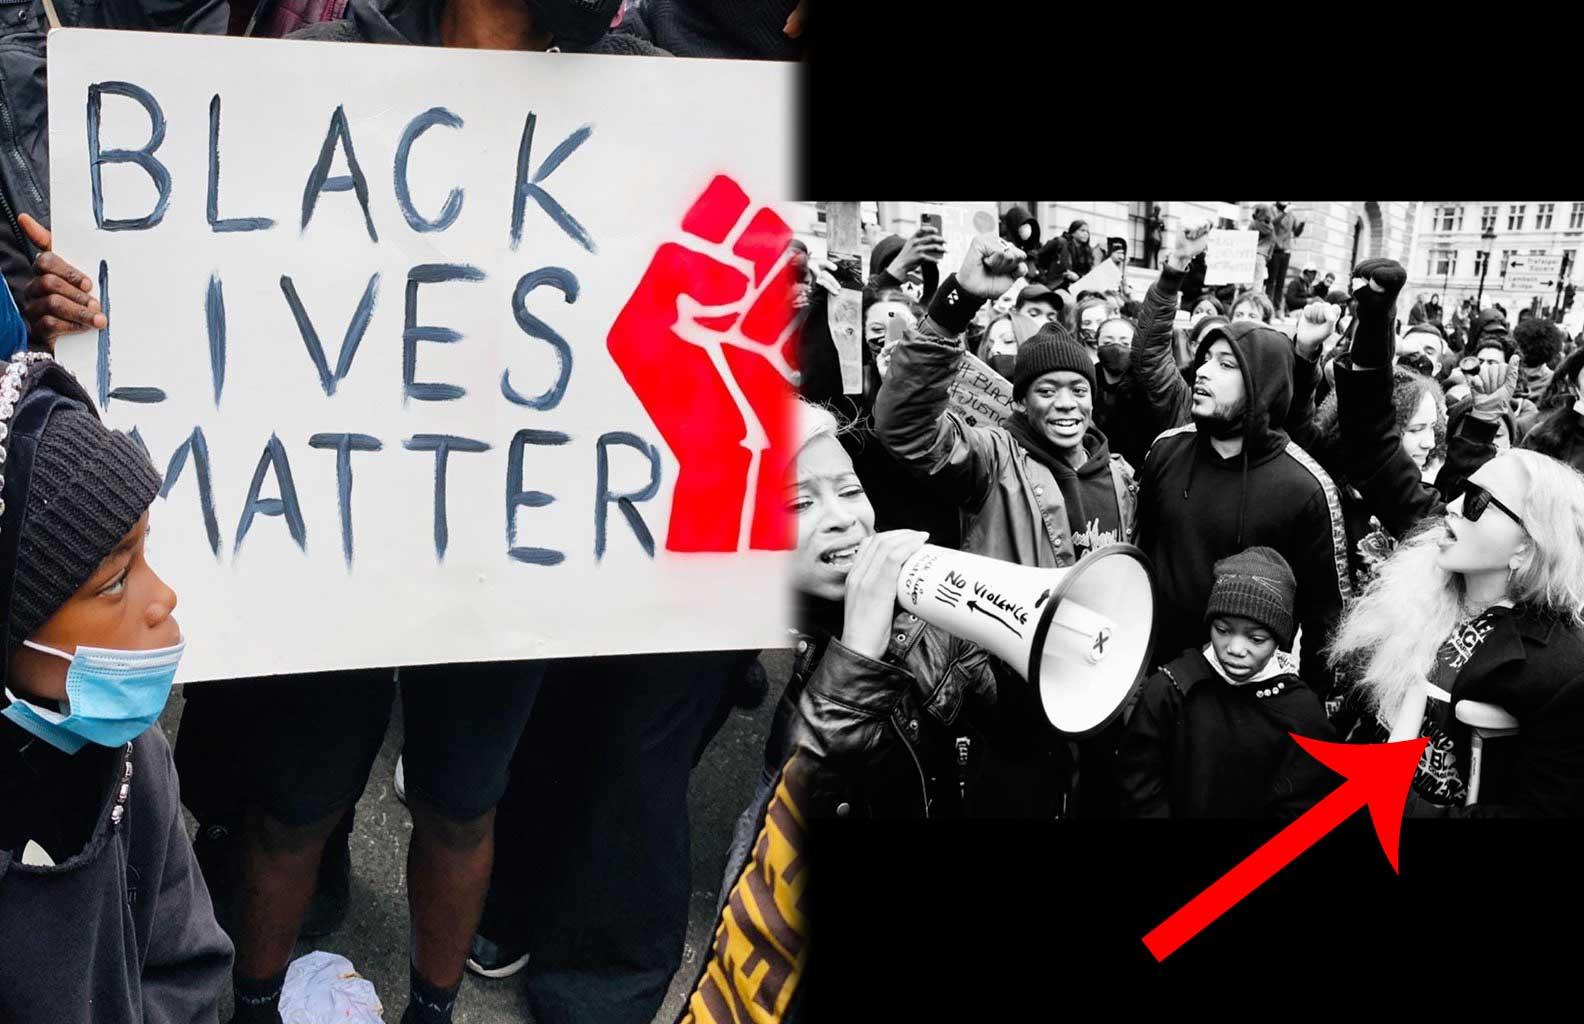 शाबाश! बैसाखियों के सहारे Black Lives Matter को सहारा देने पहुंची मैडोना